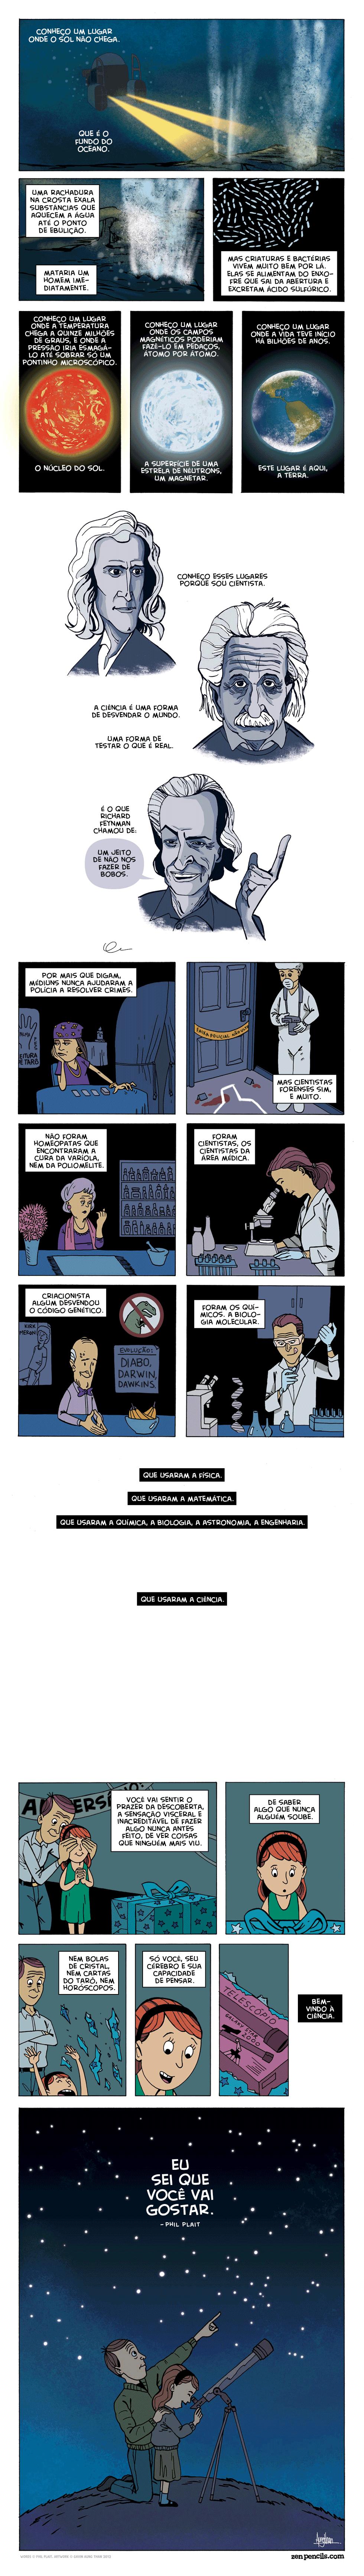 Bem-vindo a ciencia